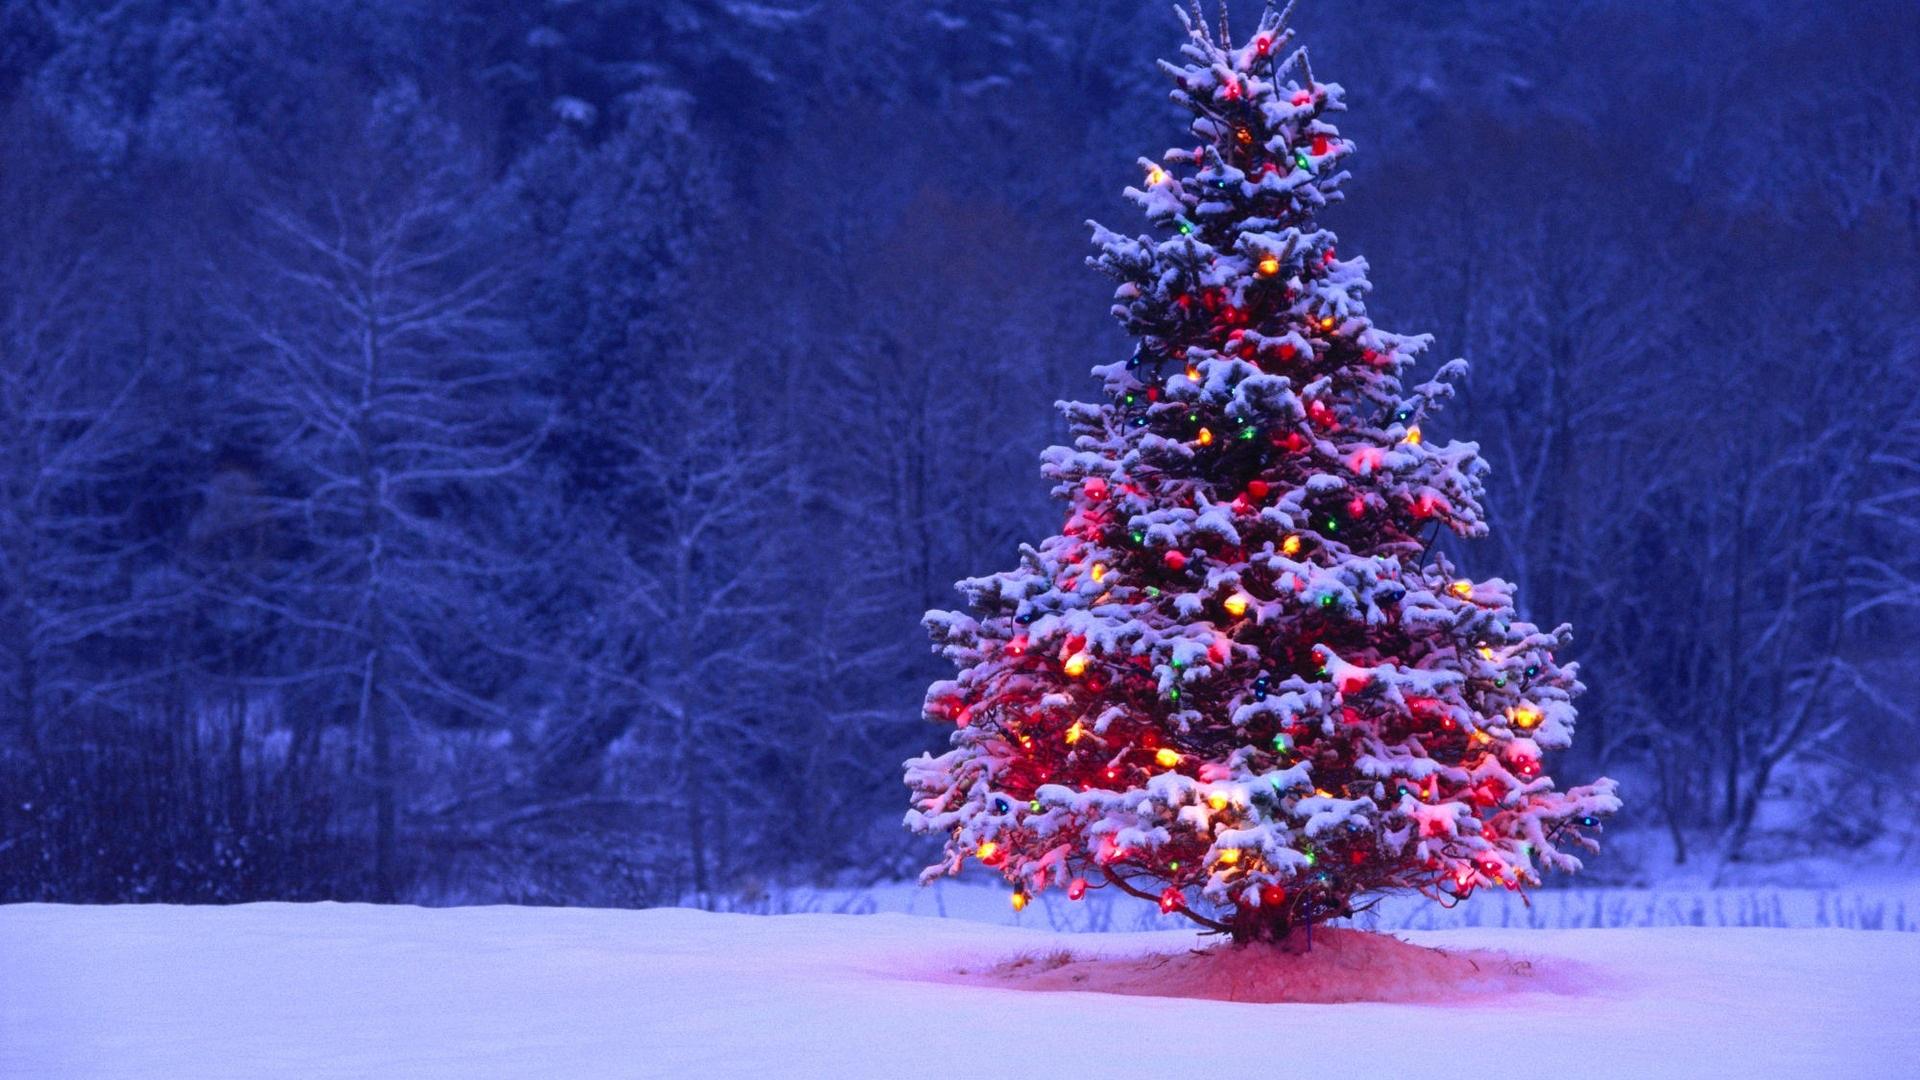 Christmas-Tree-in-Snow.jpg